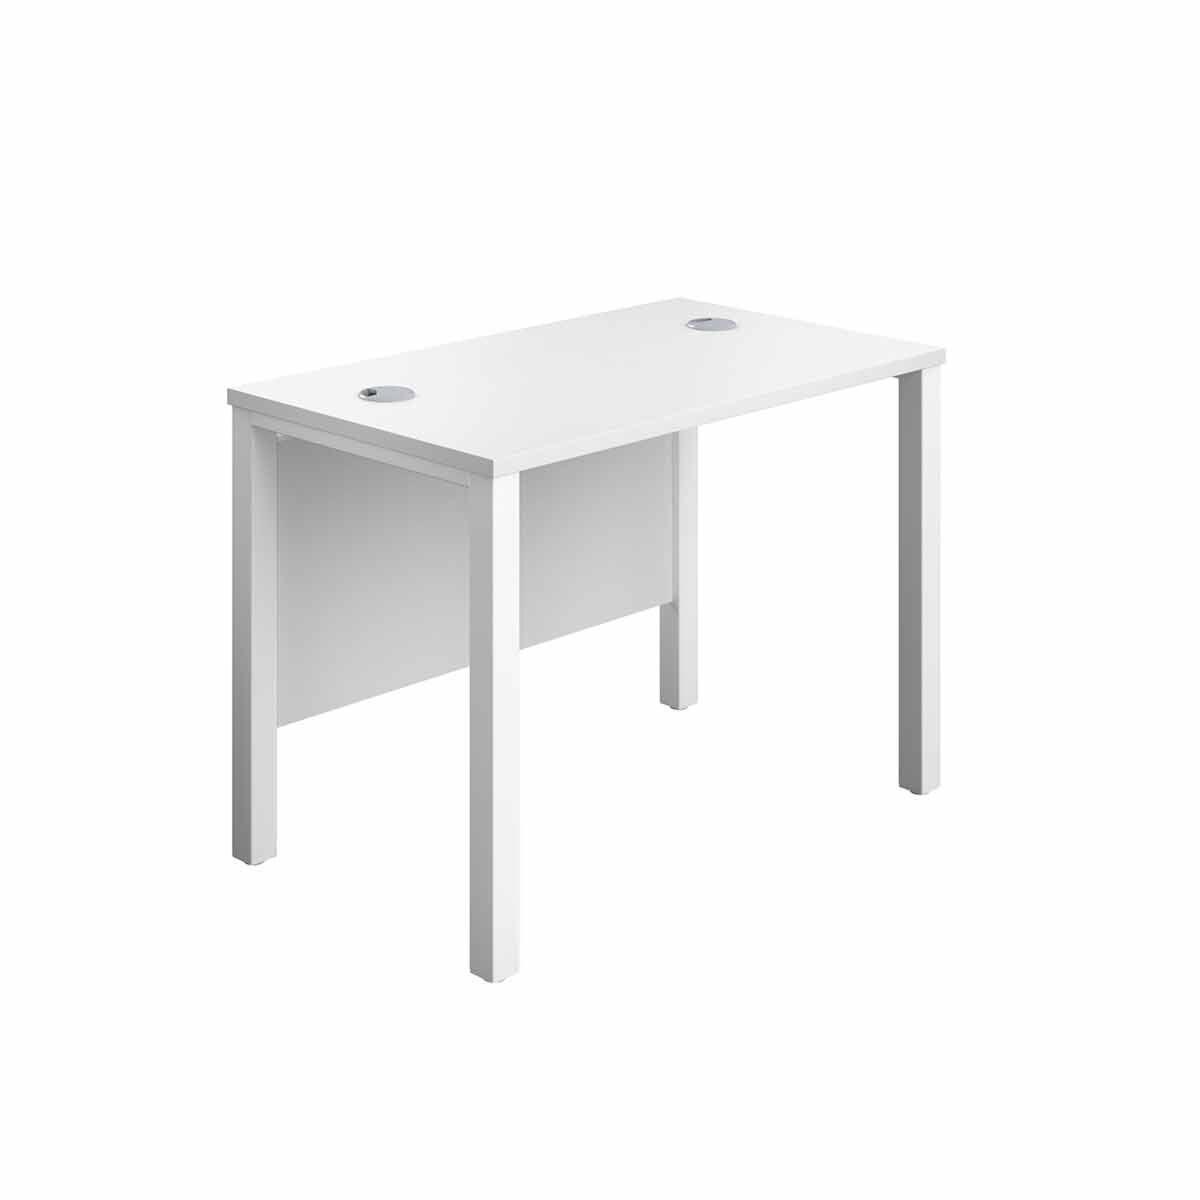 TC Office White Goal Post Rectangular Desk 100cm White